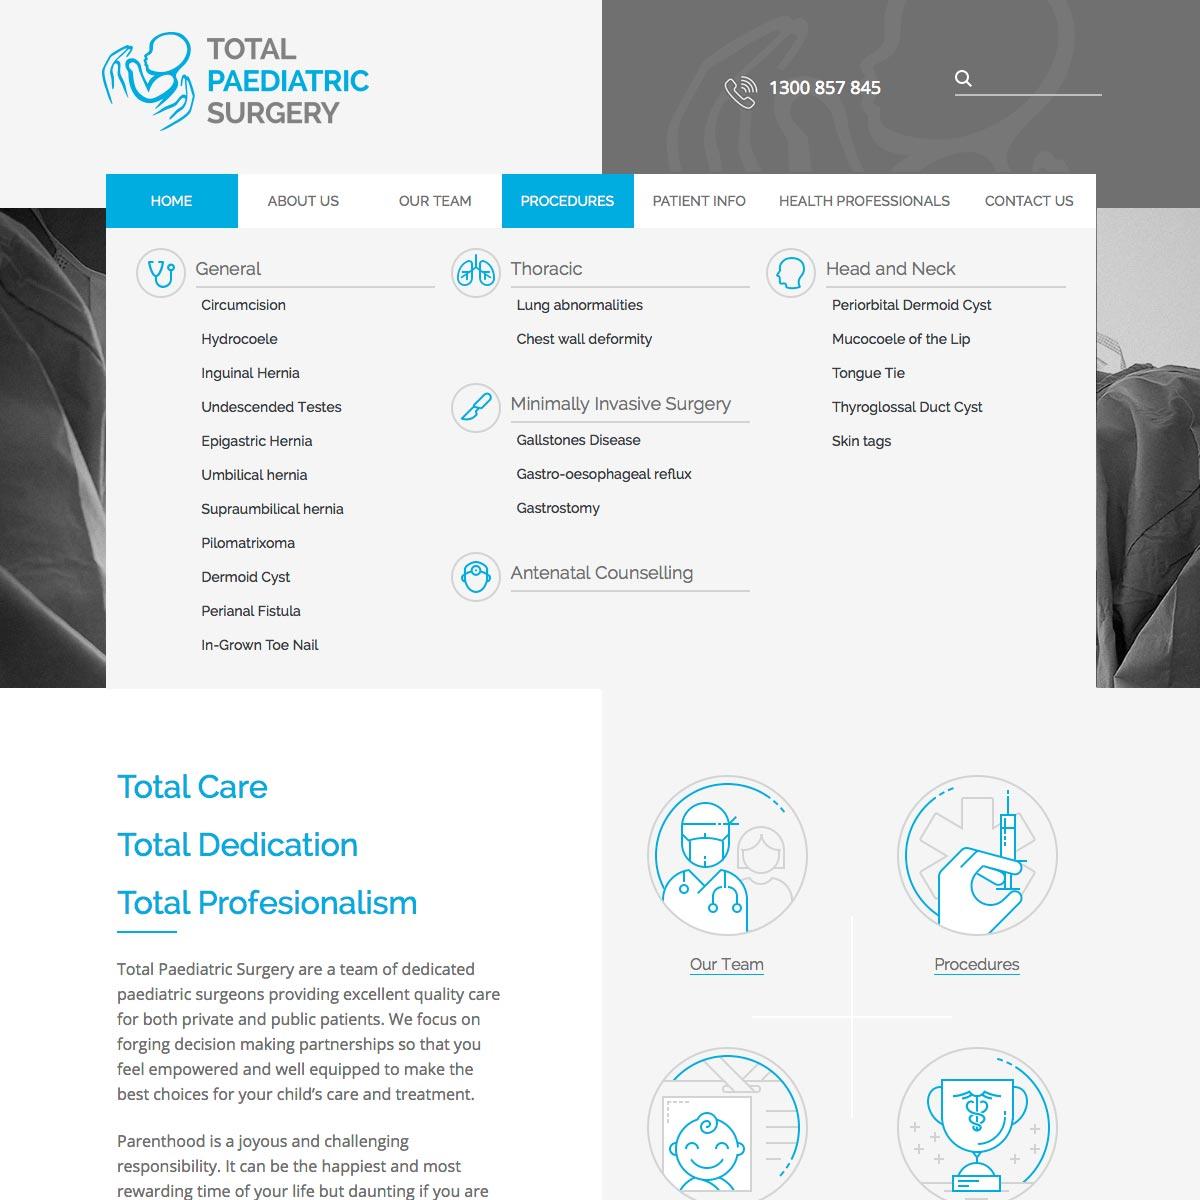 Total Paediatric Surgery Mega Menu